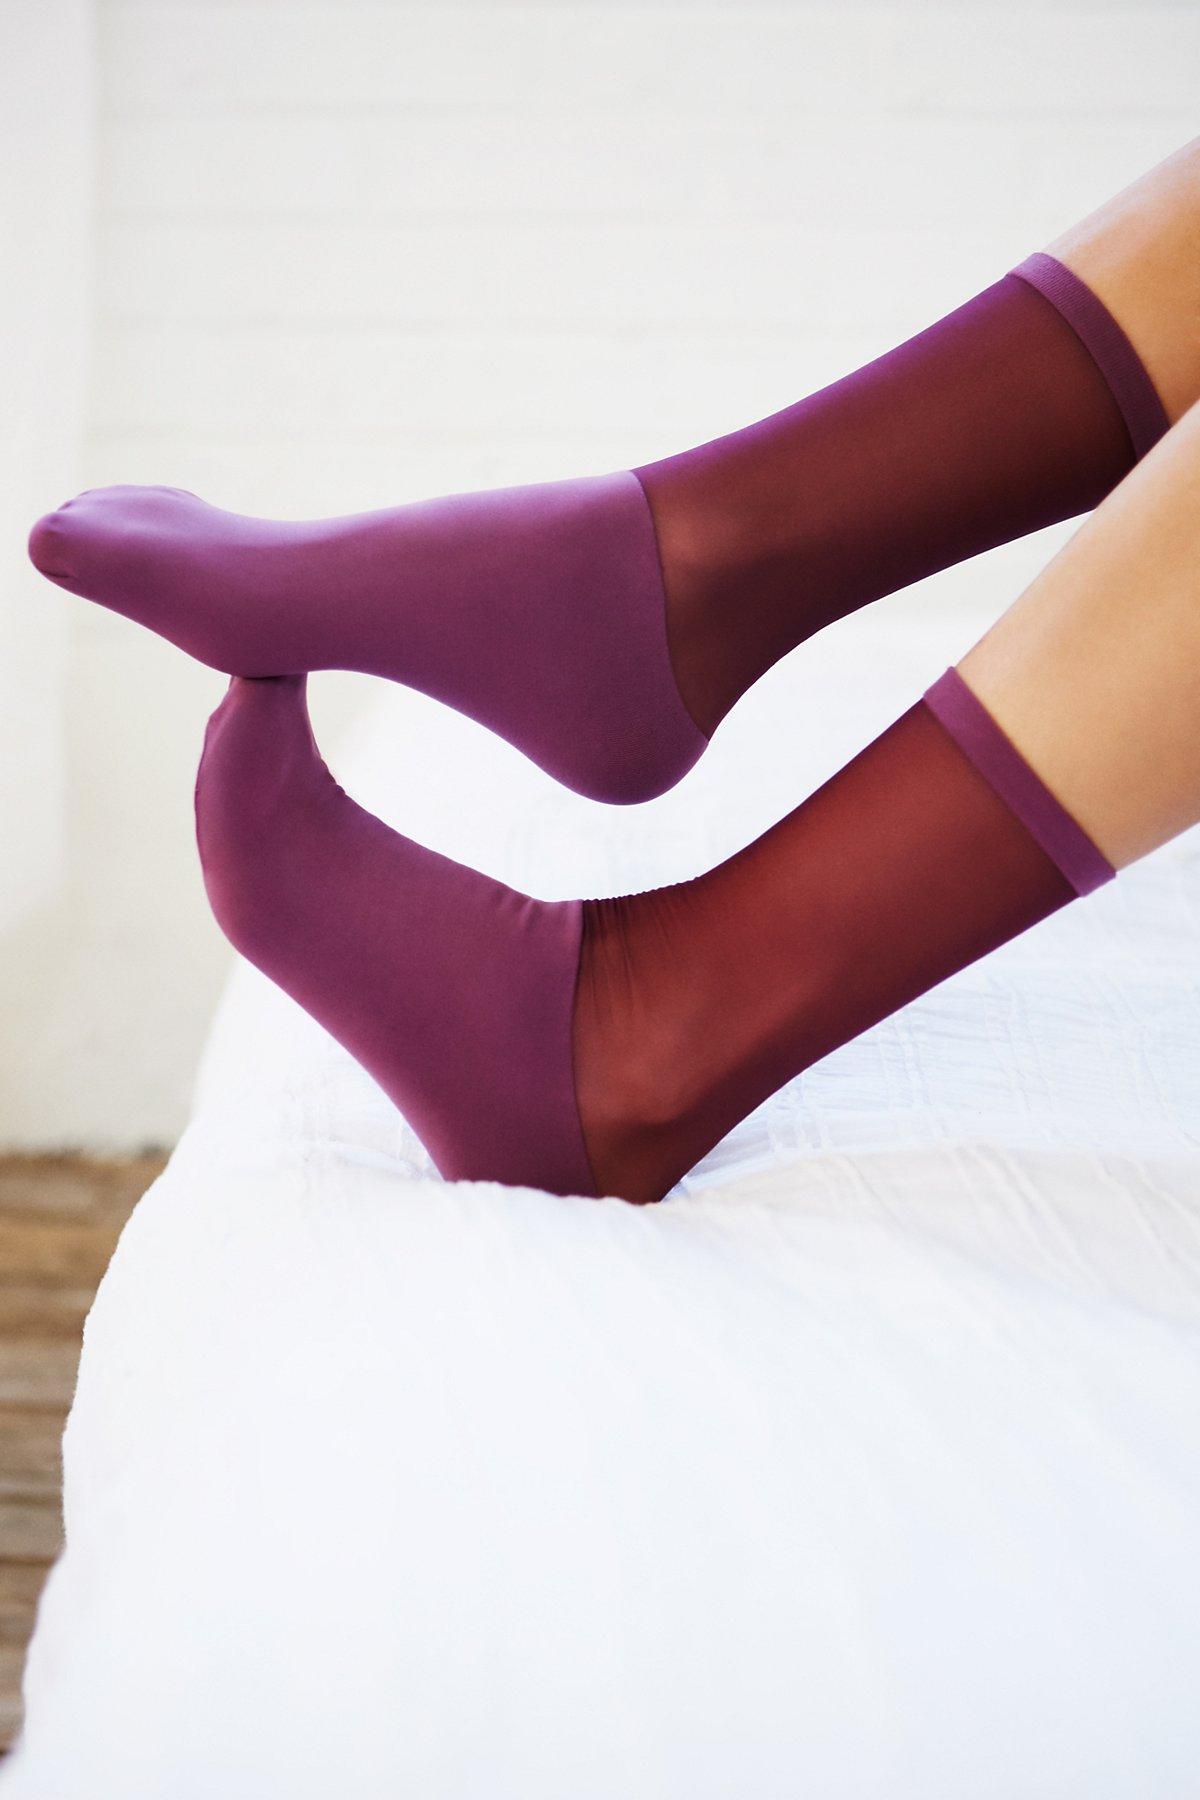 Lovelight Anklet